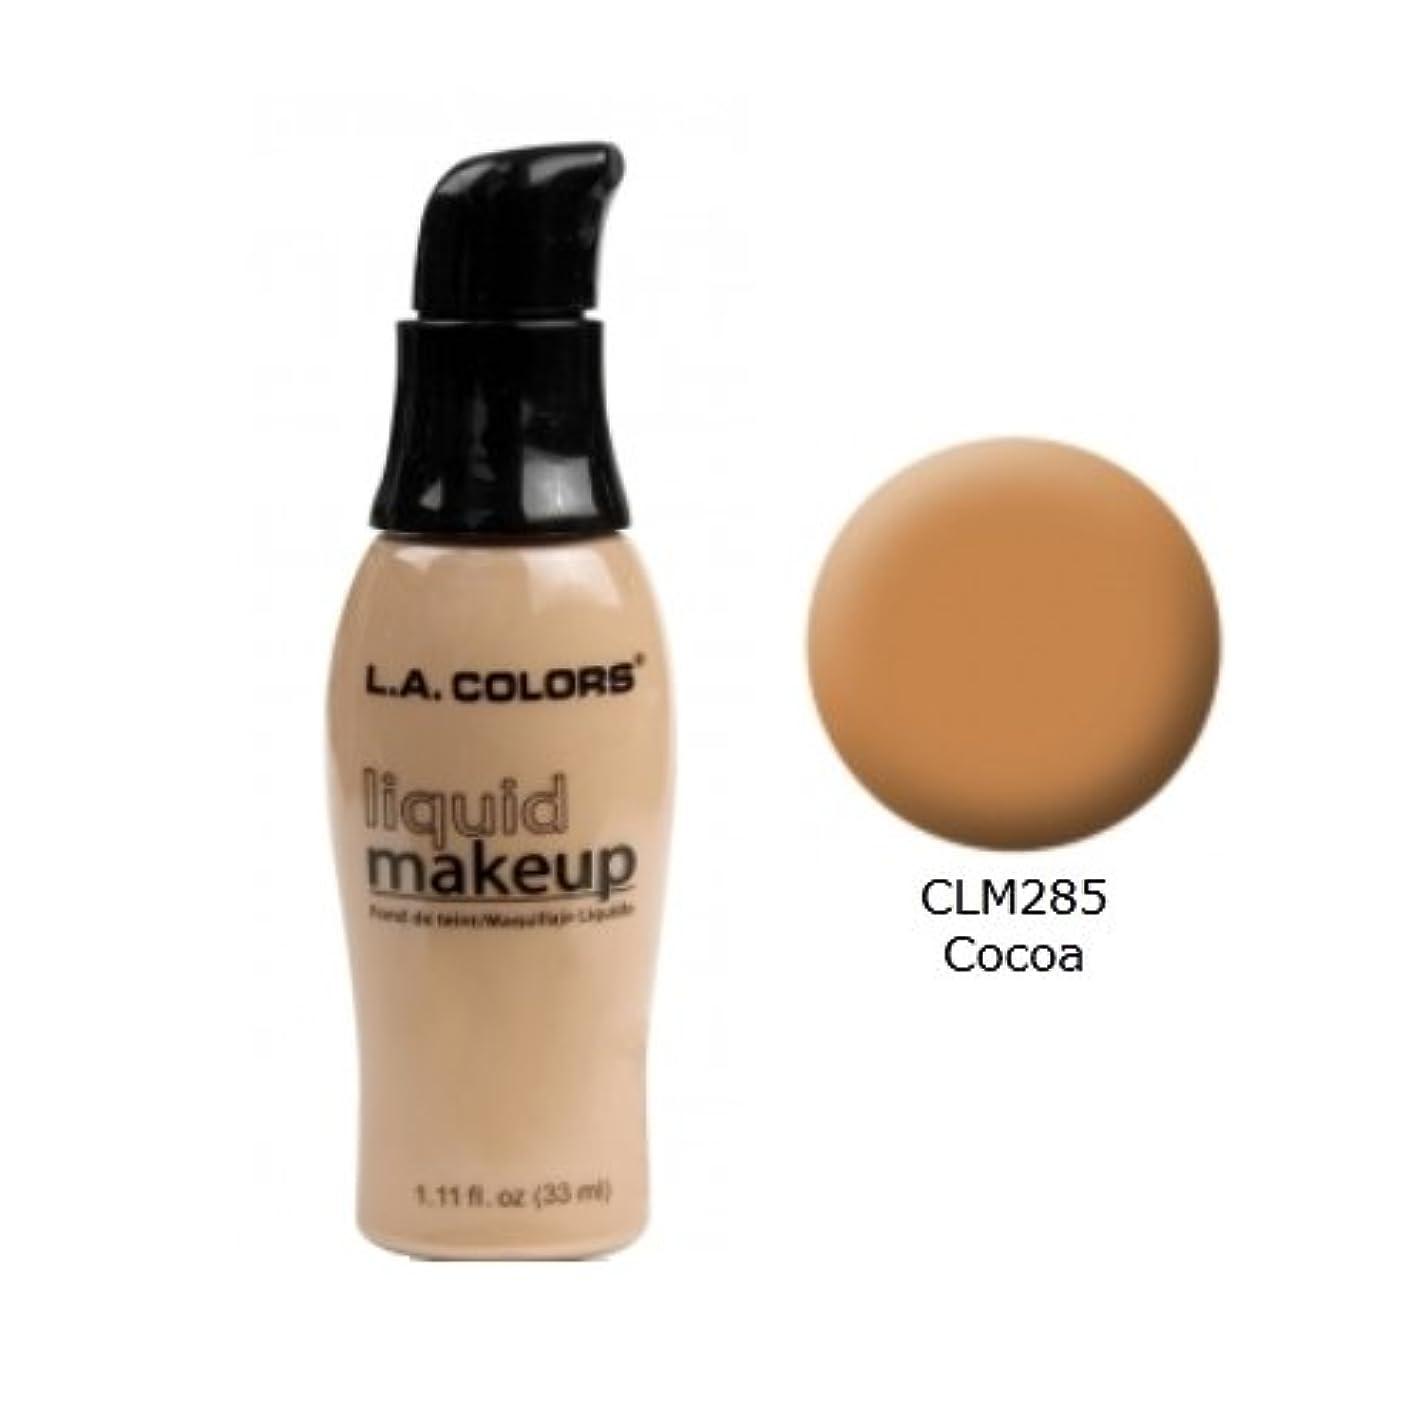 フォーマット掘るストレスの多い(6 Pack) LA COLORS Liquid Makeup - Cocoa (並行輸入品)